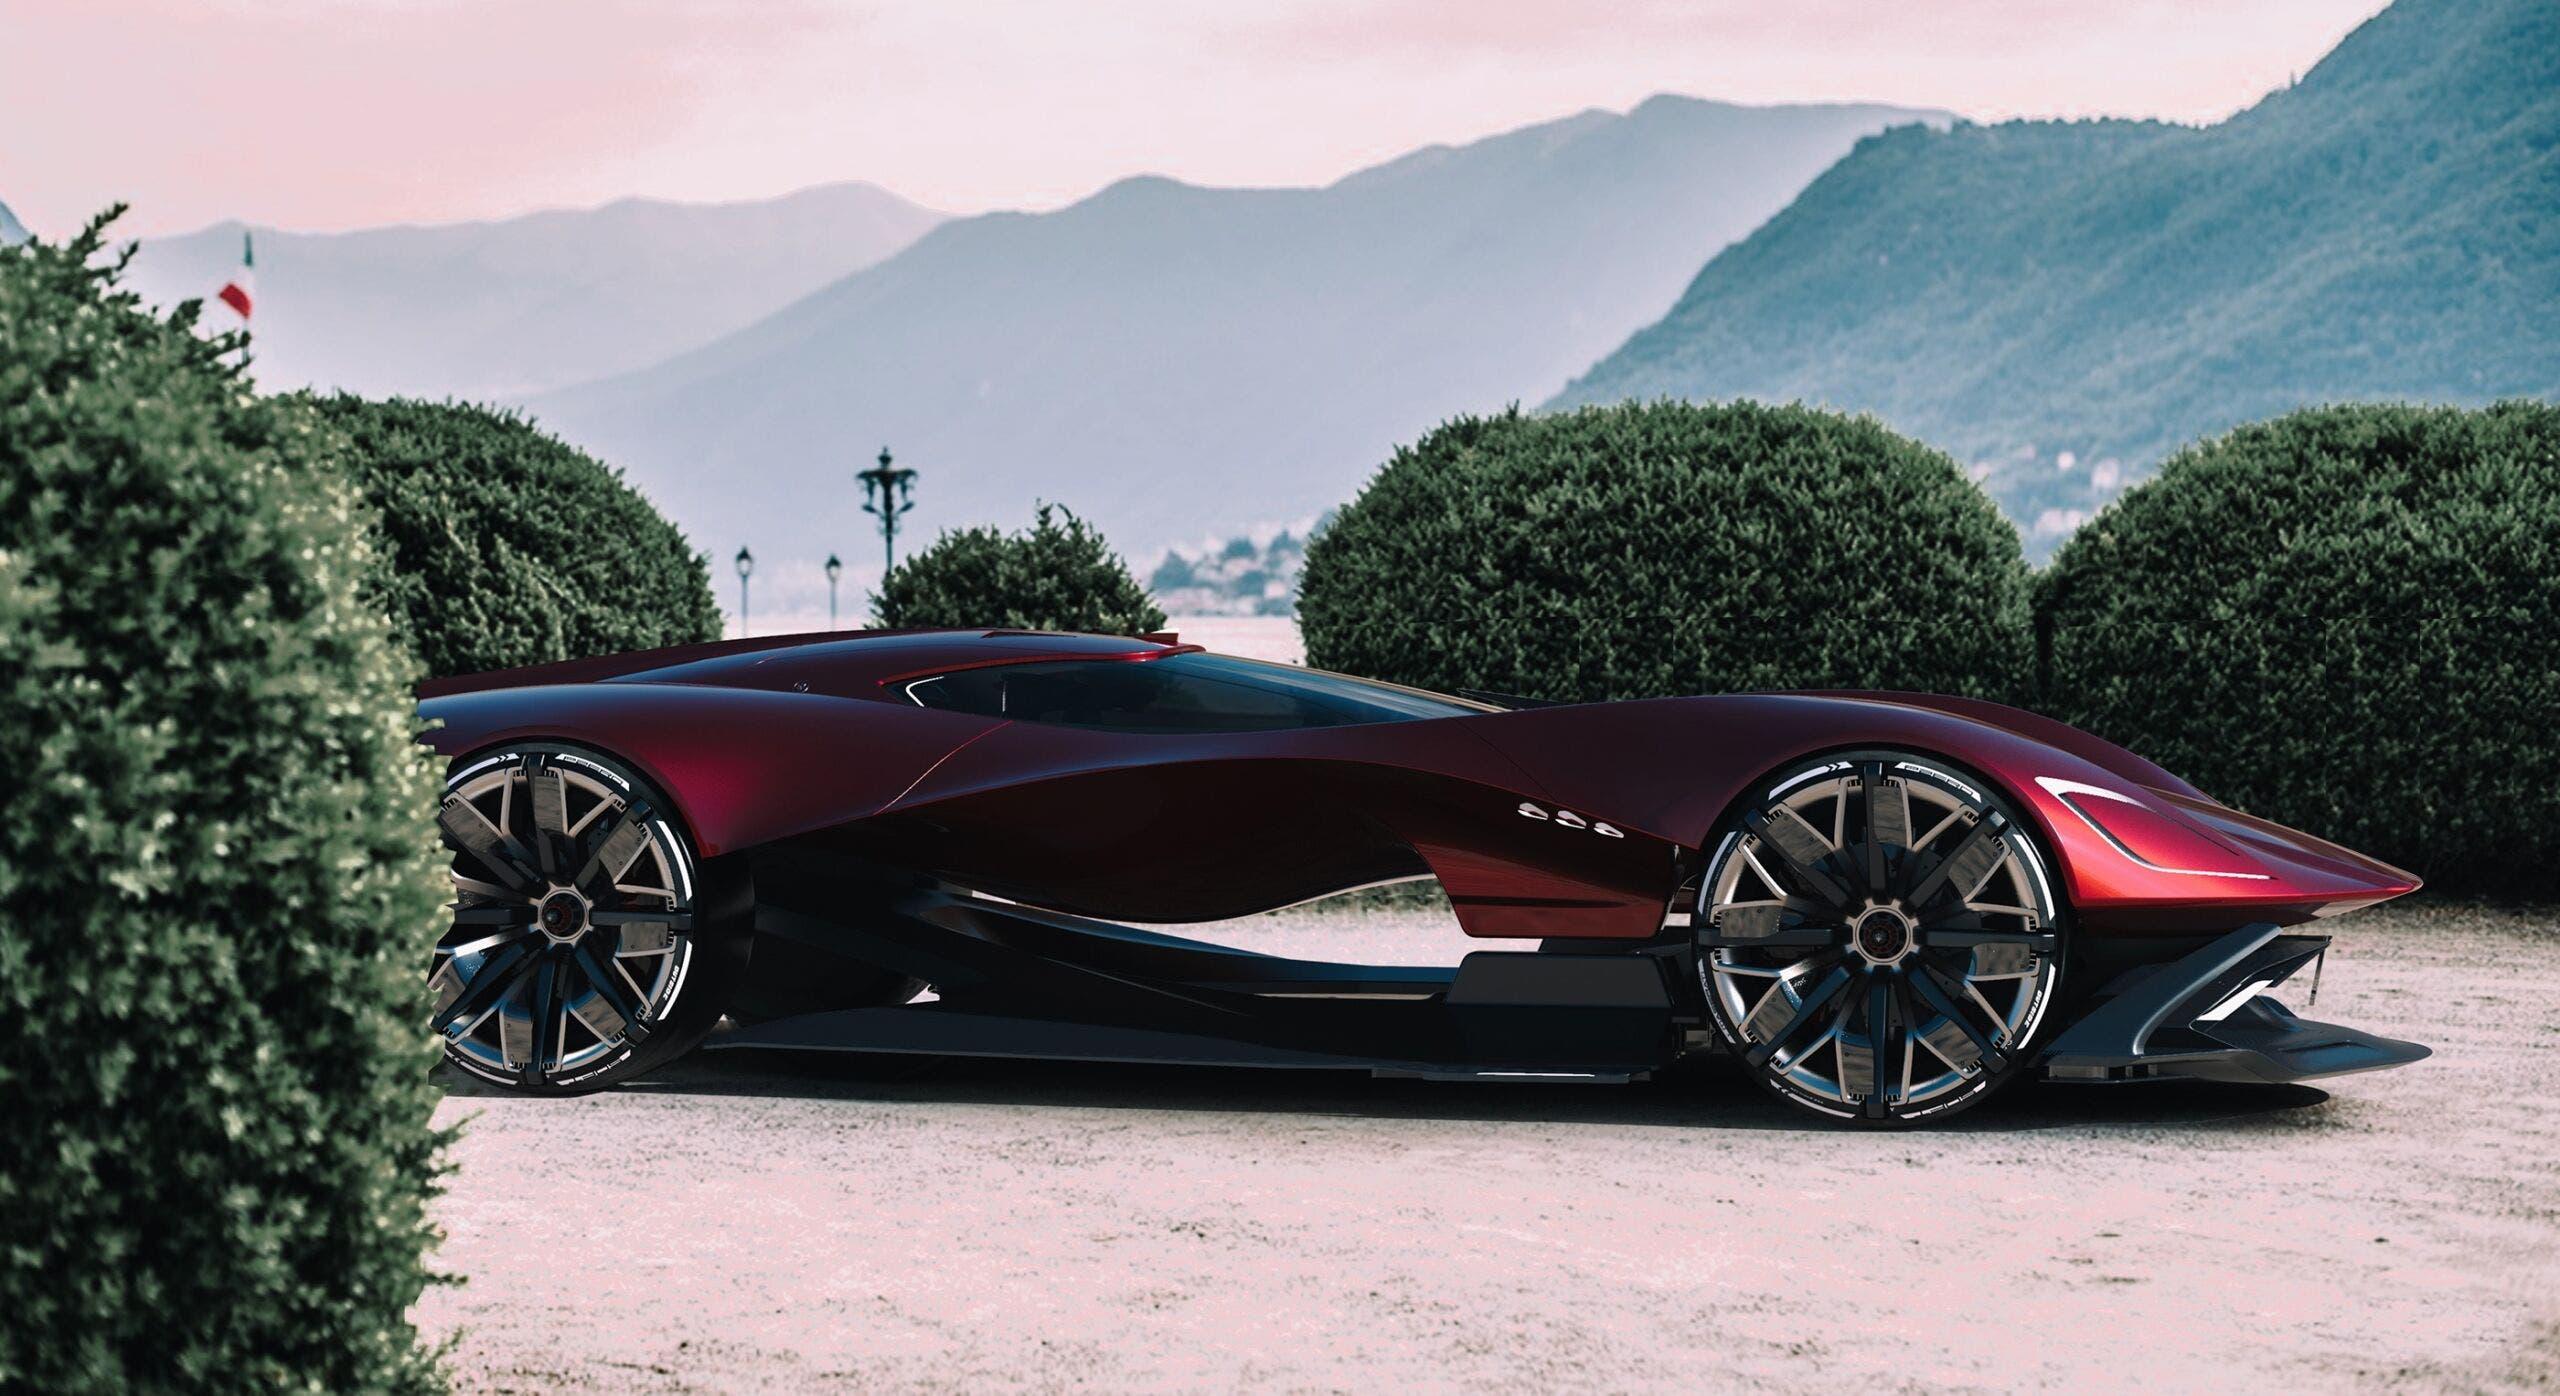 Maserati Neptune render